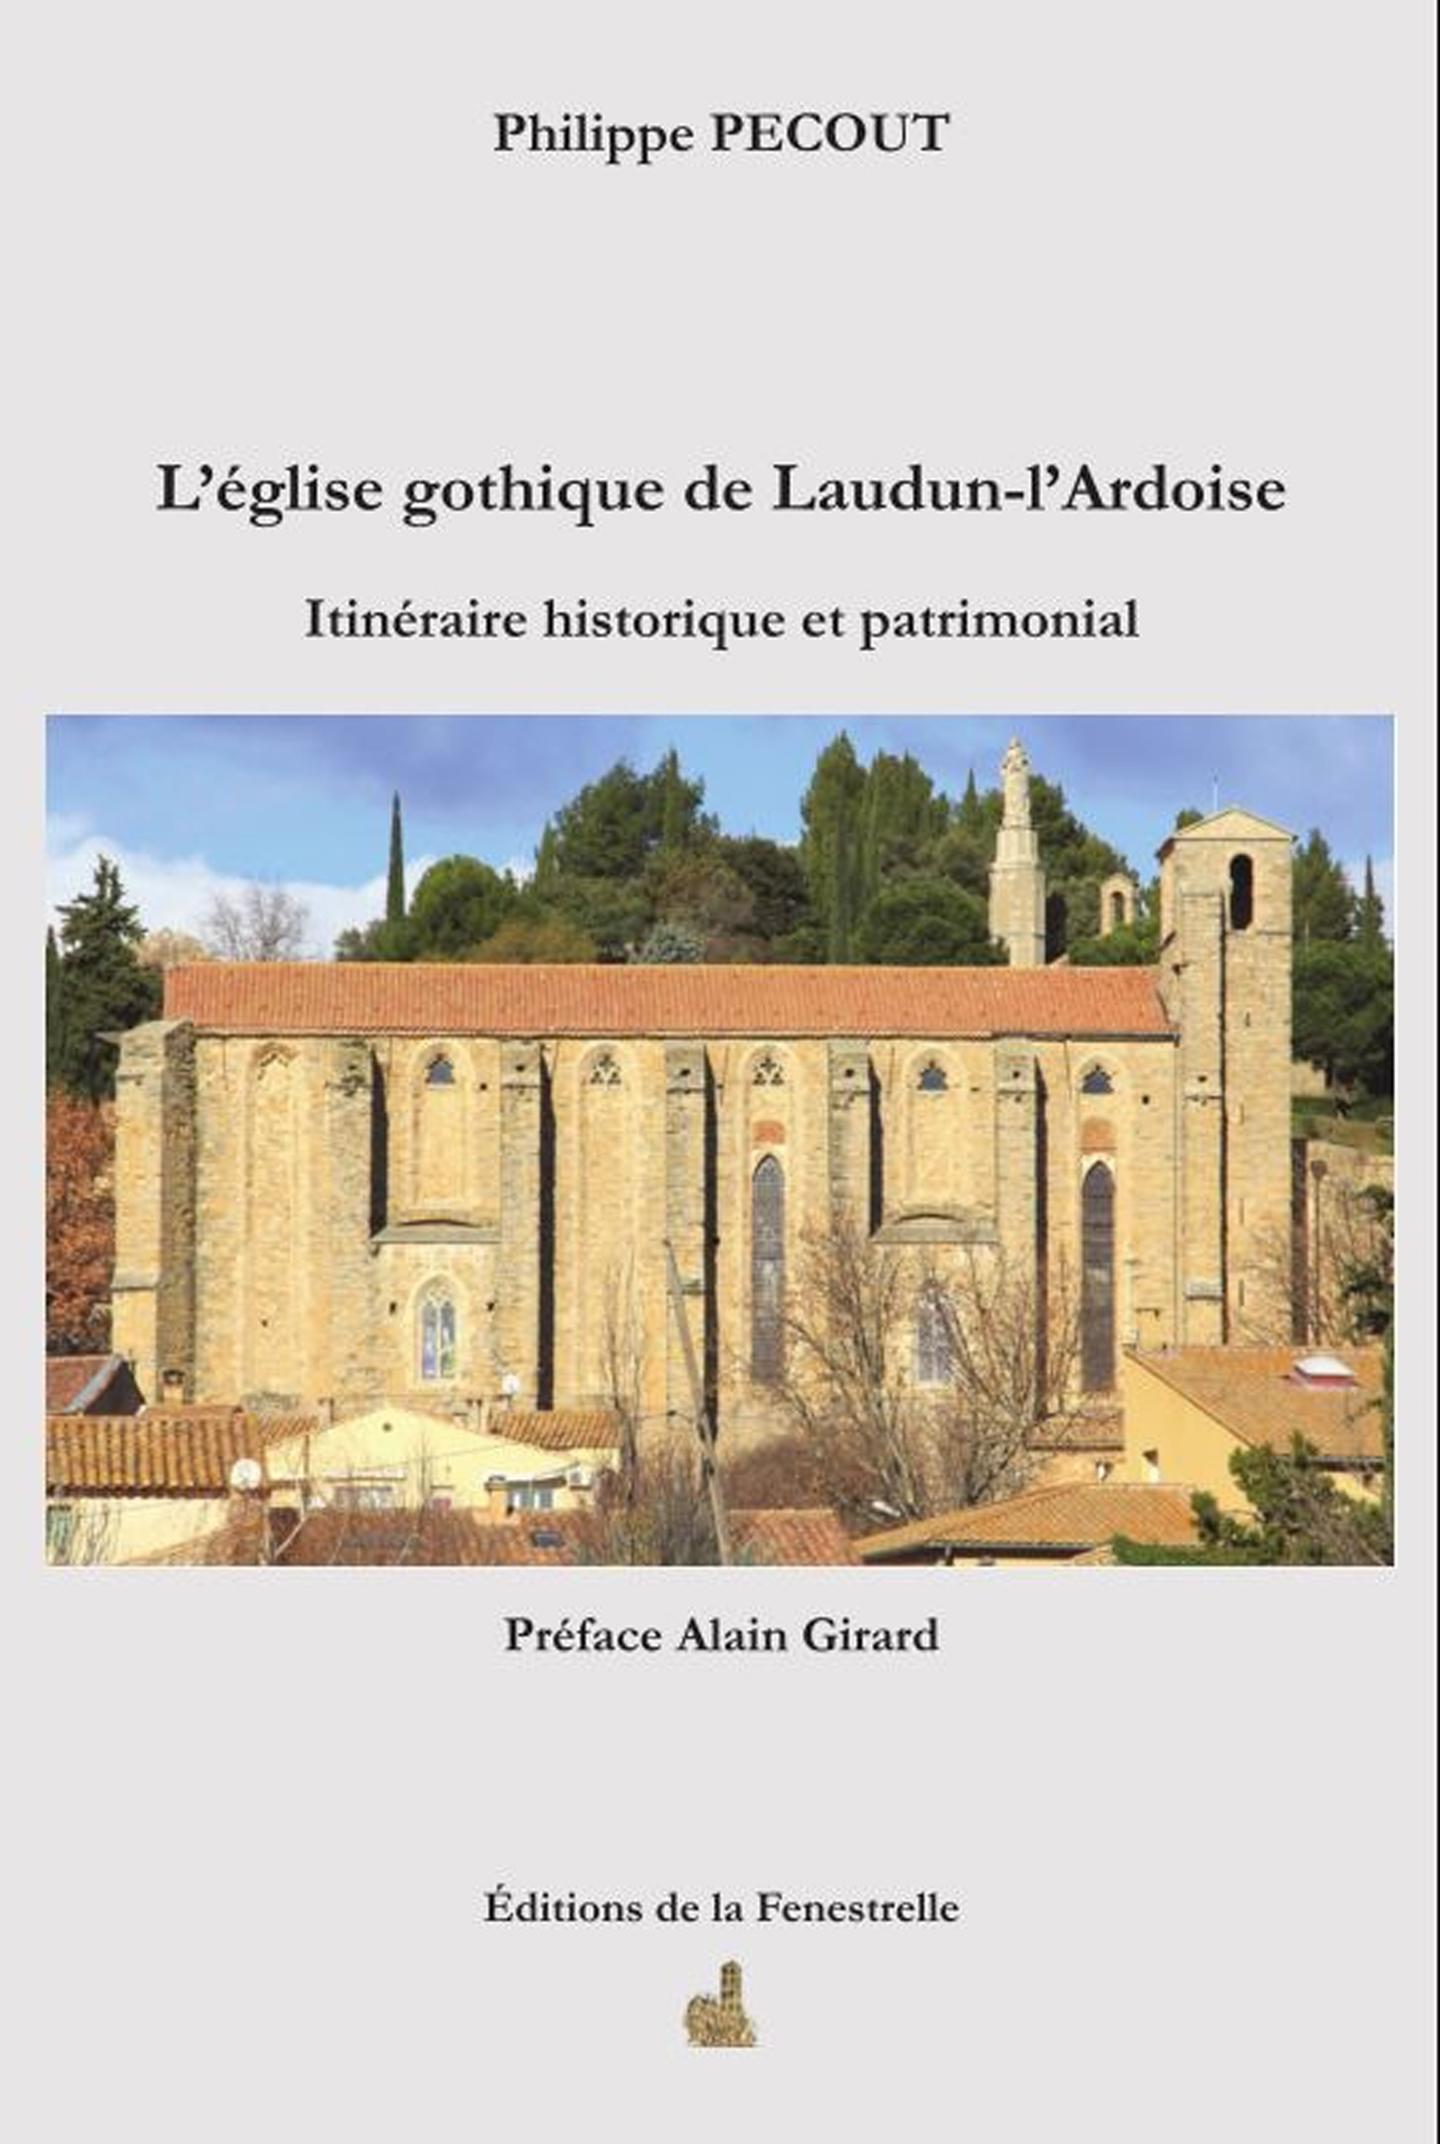 L'église gothique de Laudun-l'Ardoise – Itinéraire historique et patrimonial